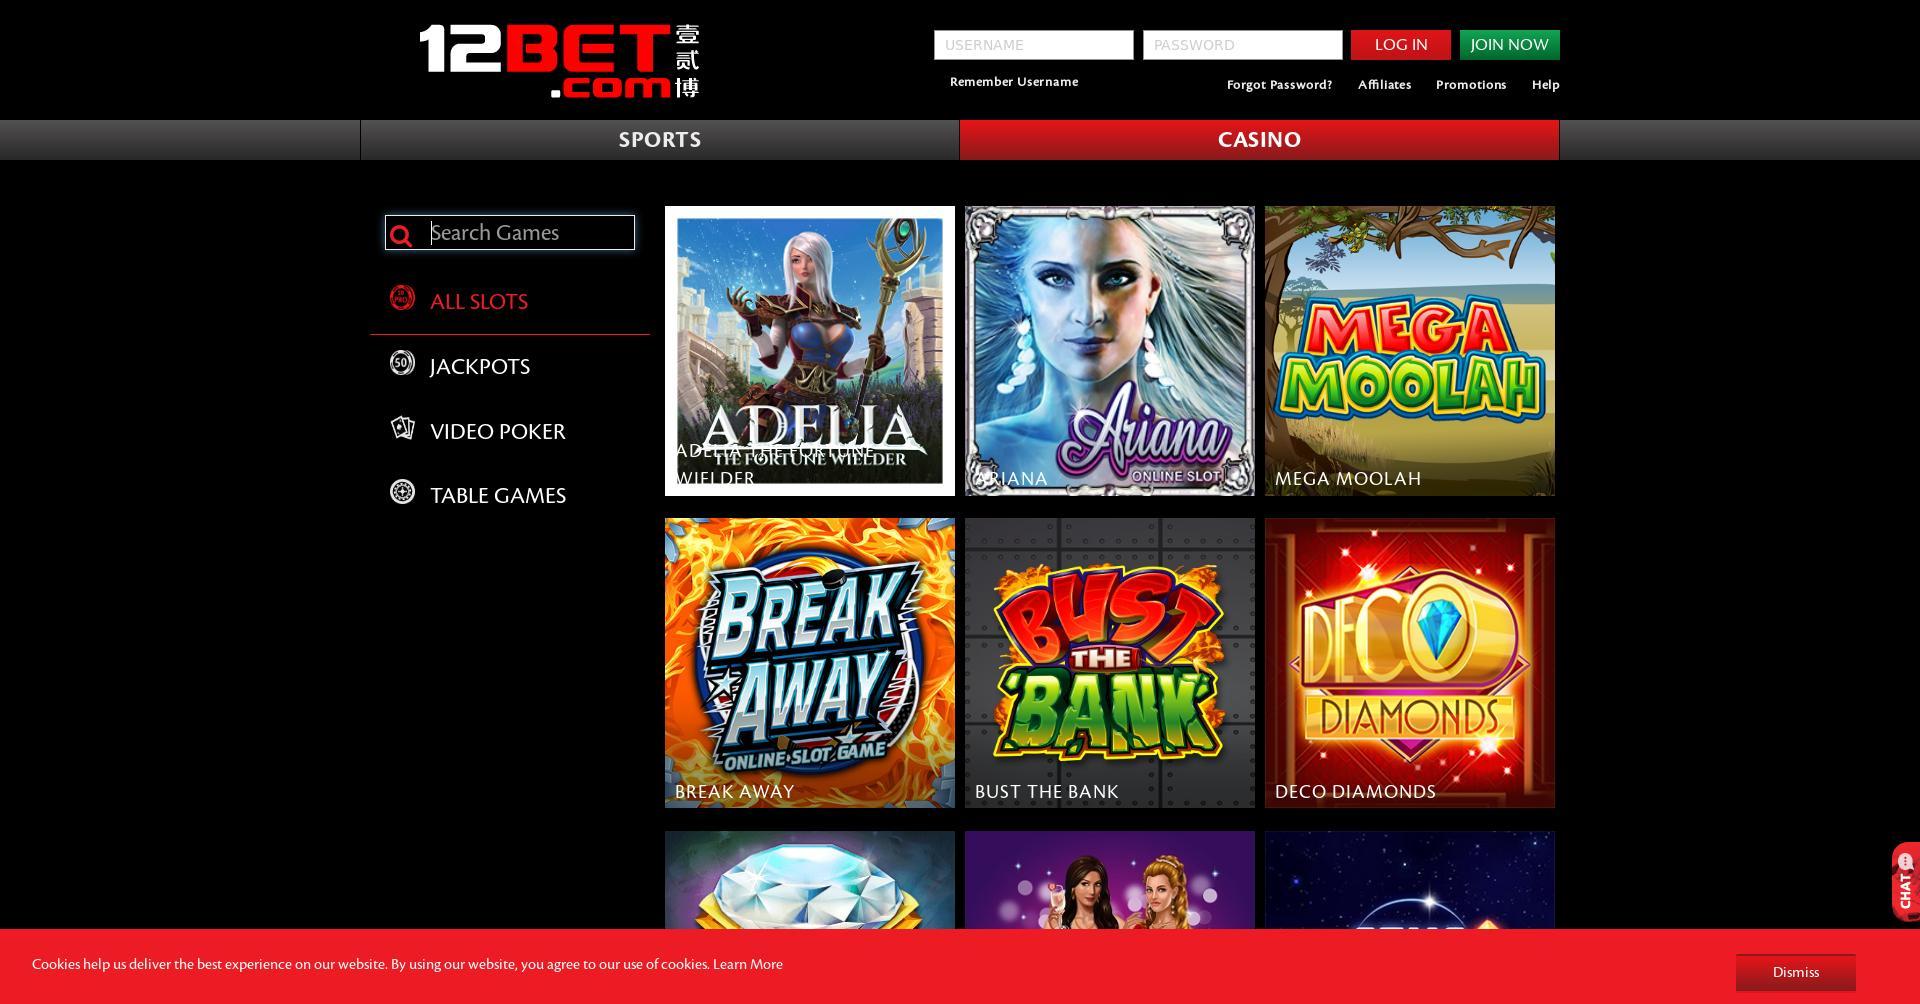 12Bet.com Casino